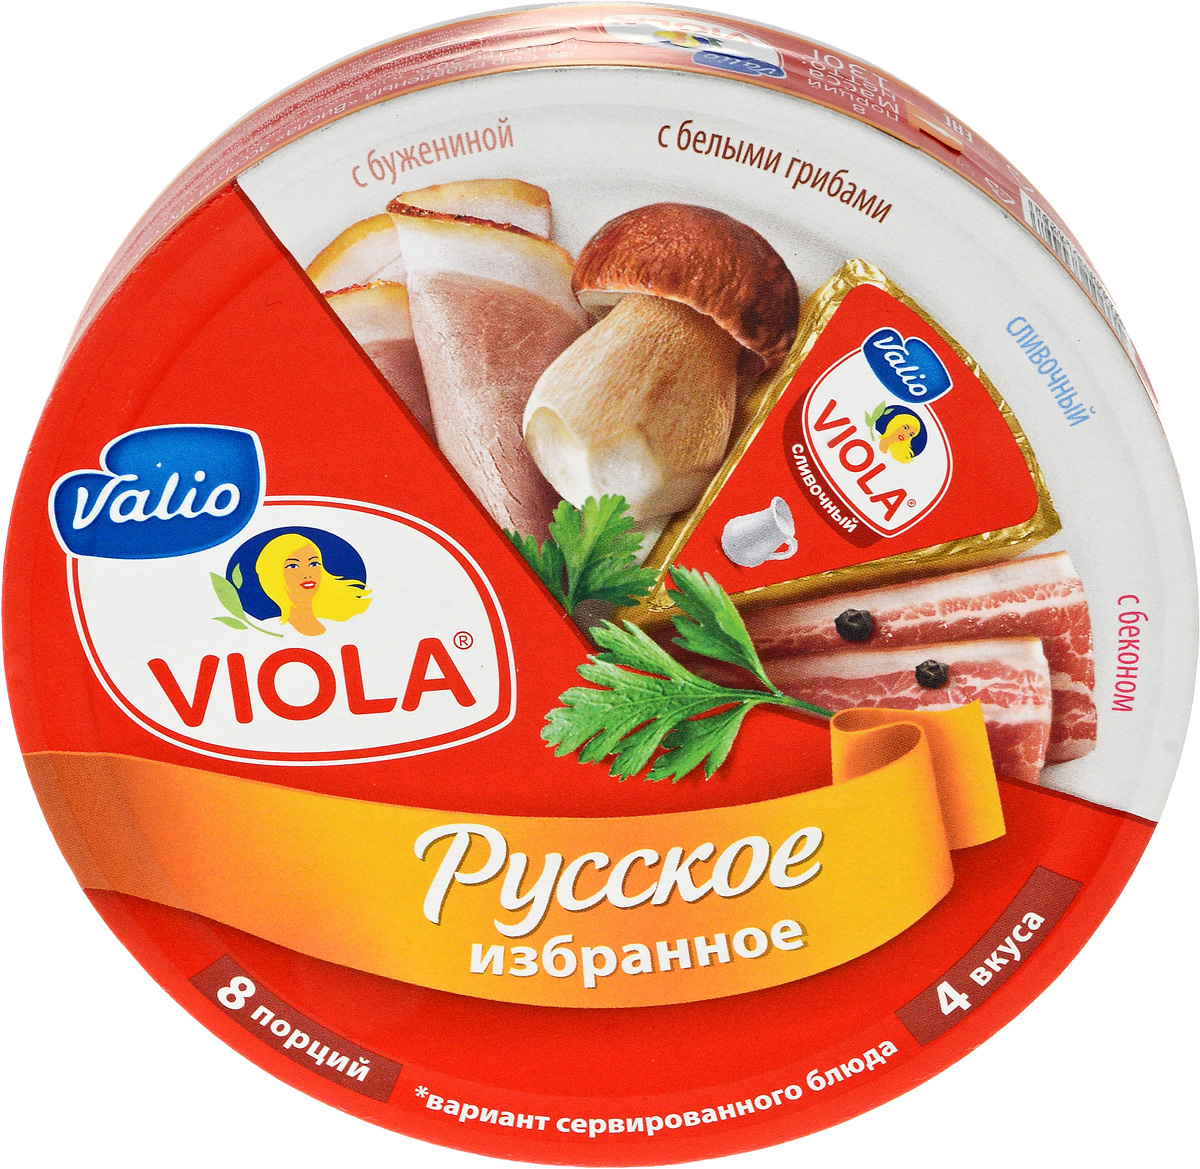 Valio Viola Сыр Русское избранное, ассорти, плавленый, 130 г valio oltermanni сыр сливочный 45